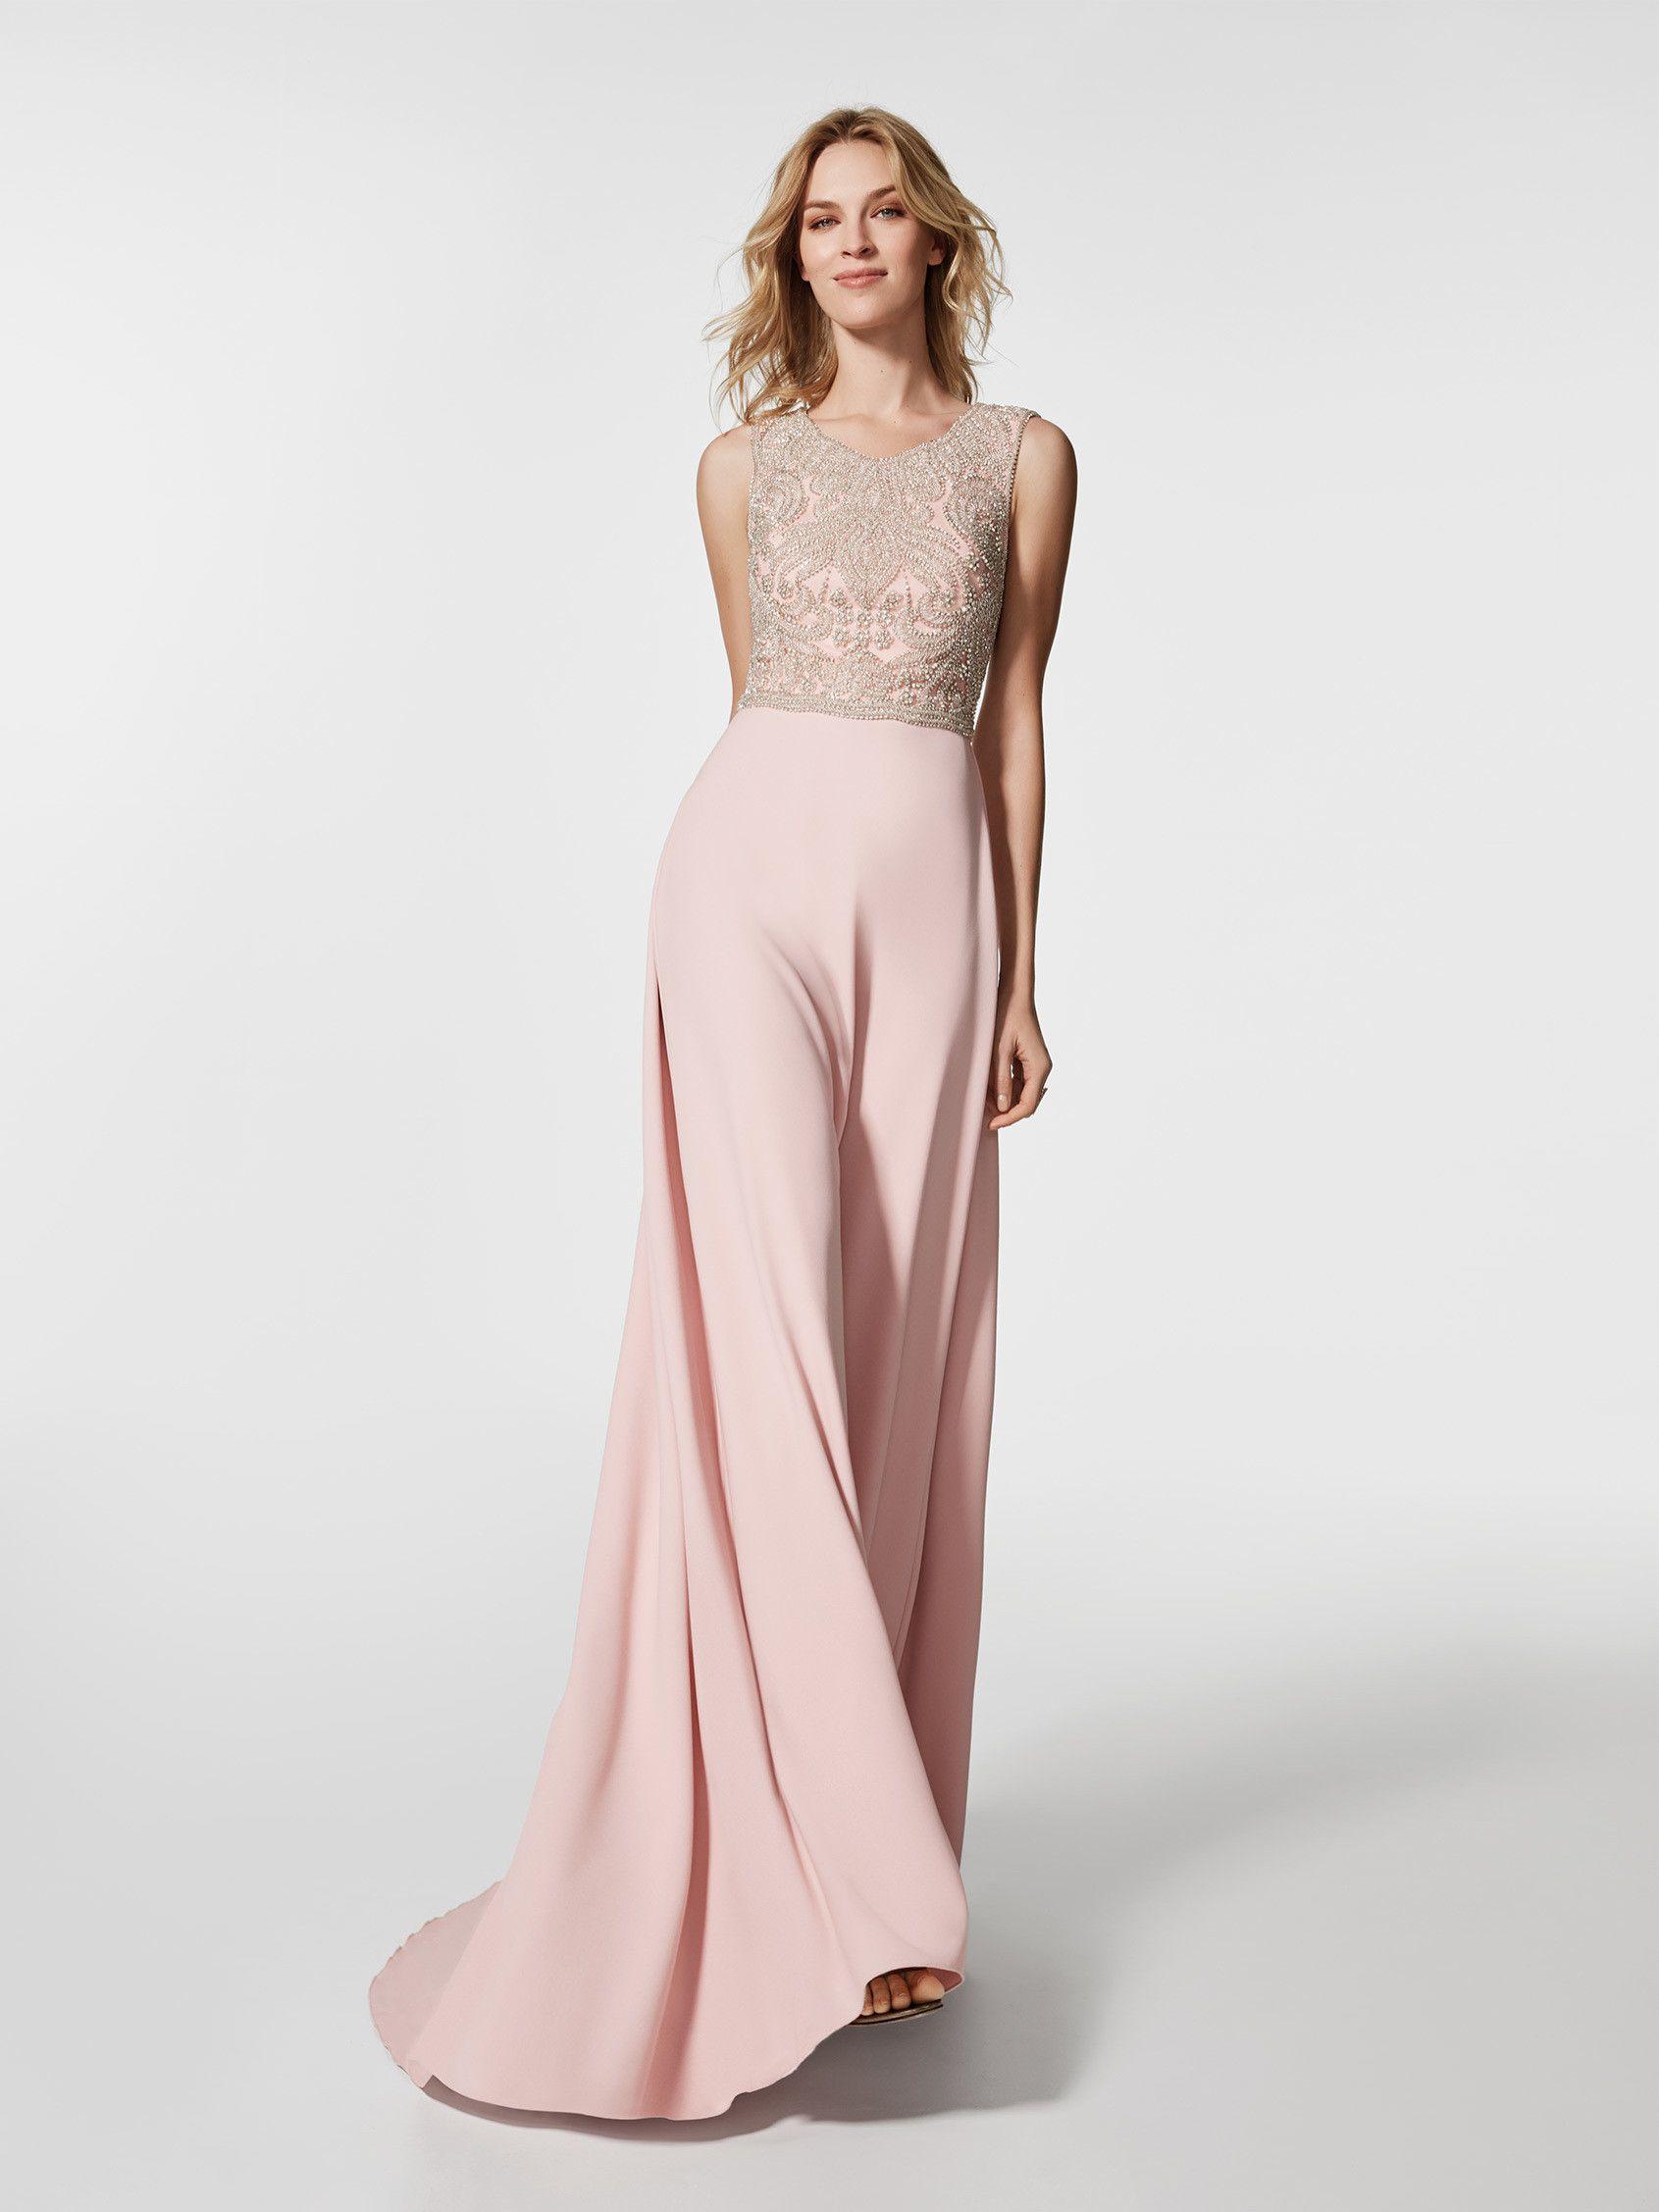 Modelos de vestidos de fiesta con pedreria